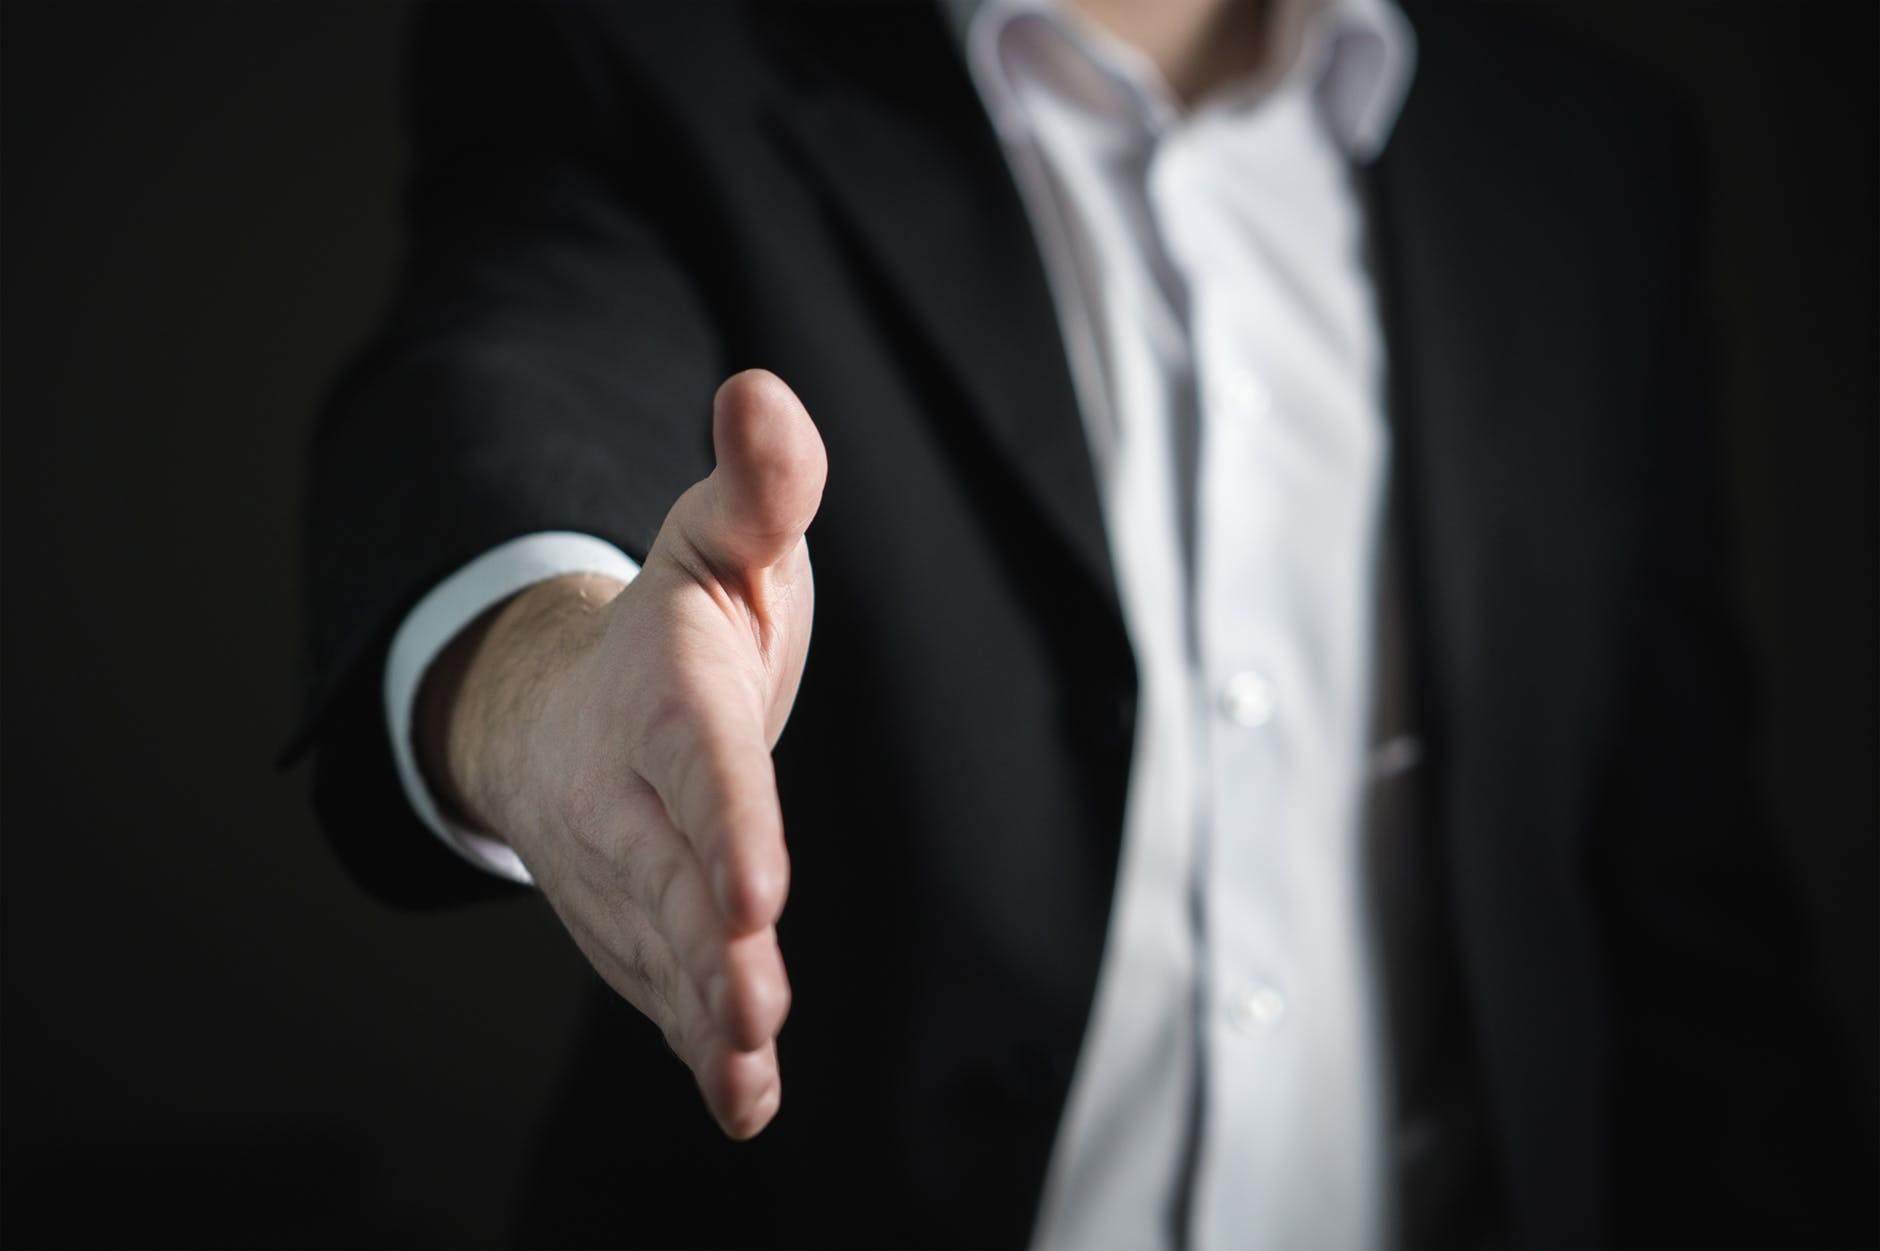 rsm là gì chức vụ này có nhiệm vụ gì đối với một doanh nghiệp